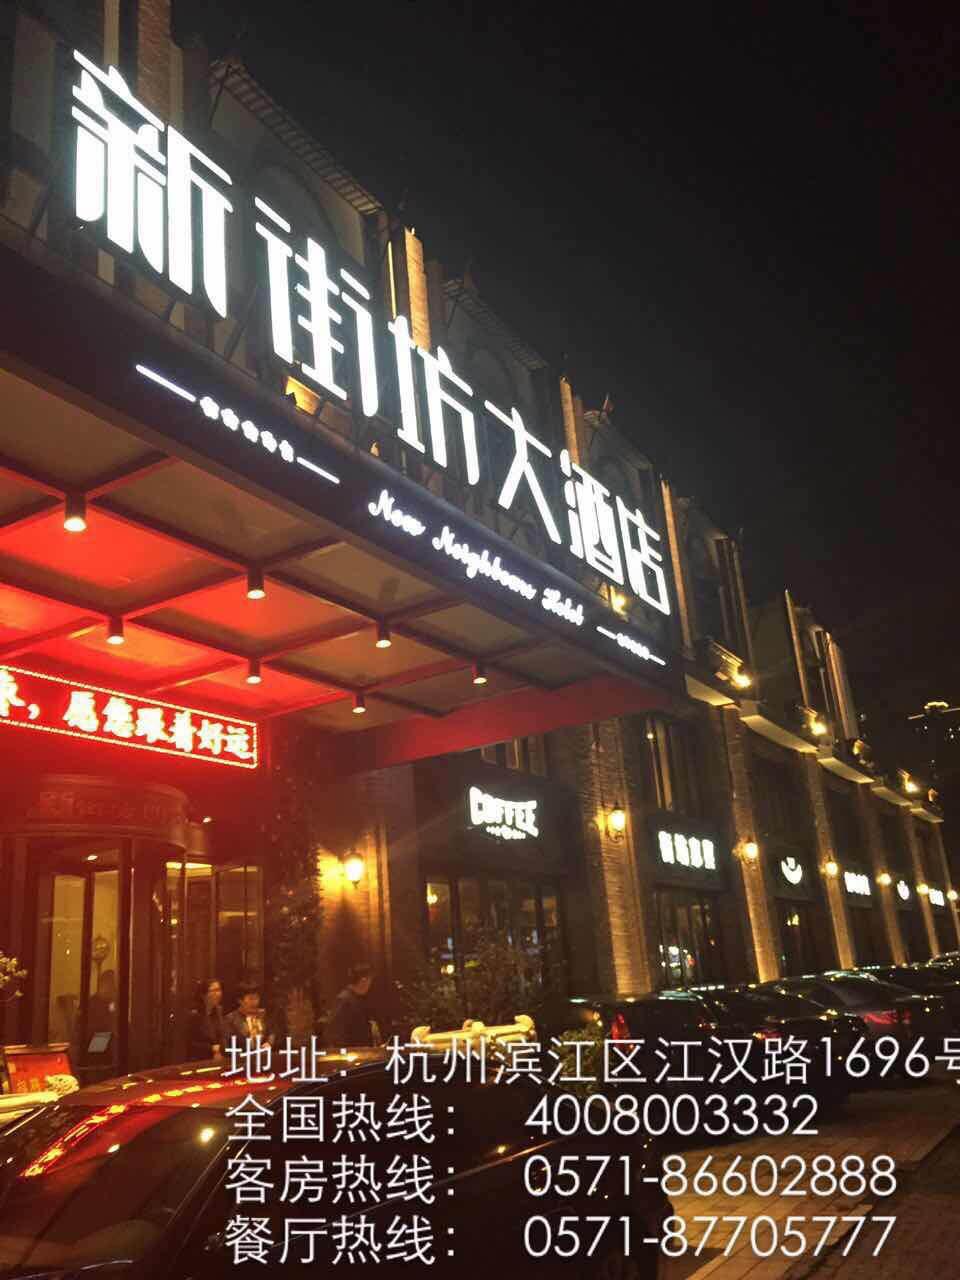 浙江新街坊大酒店